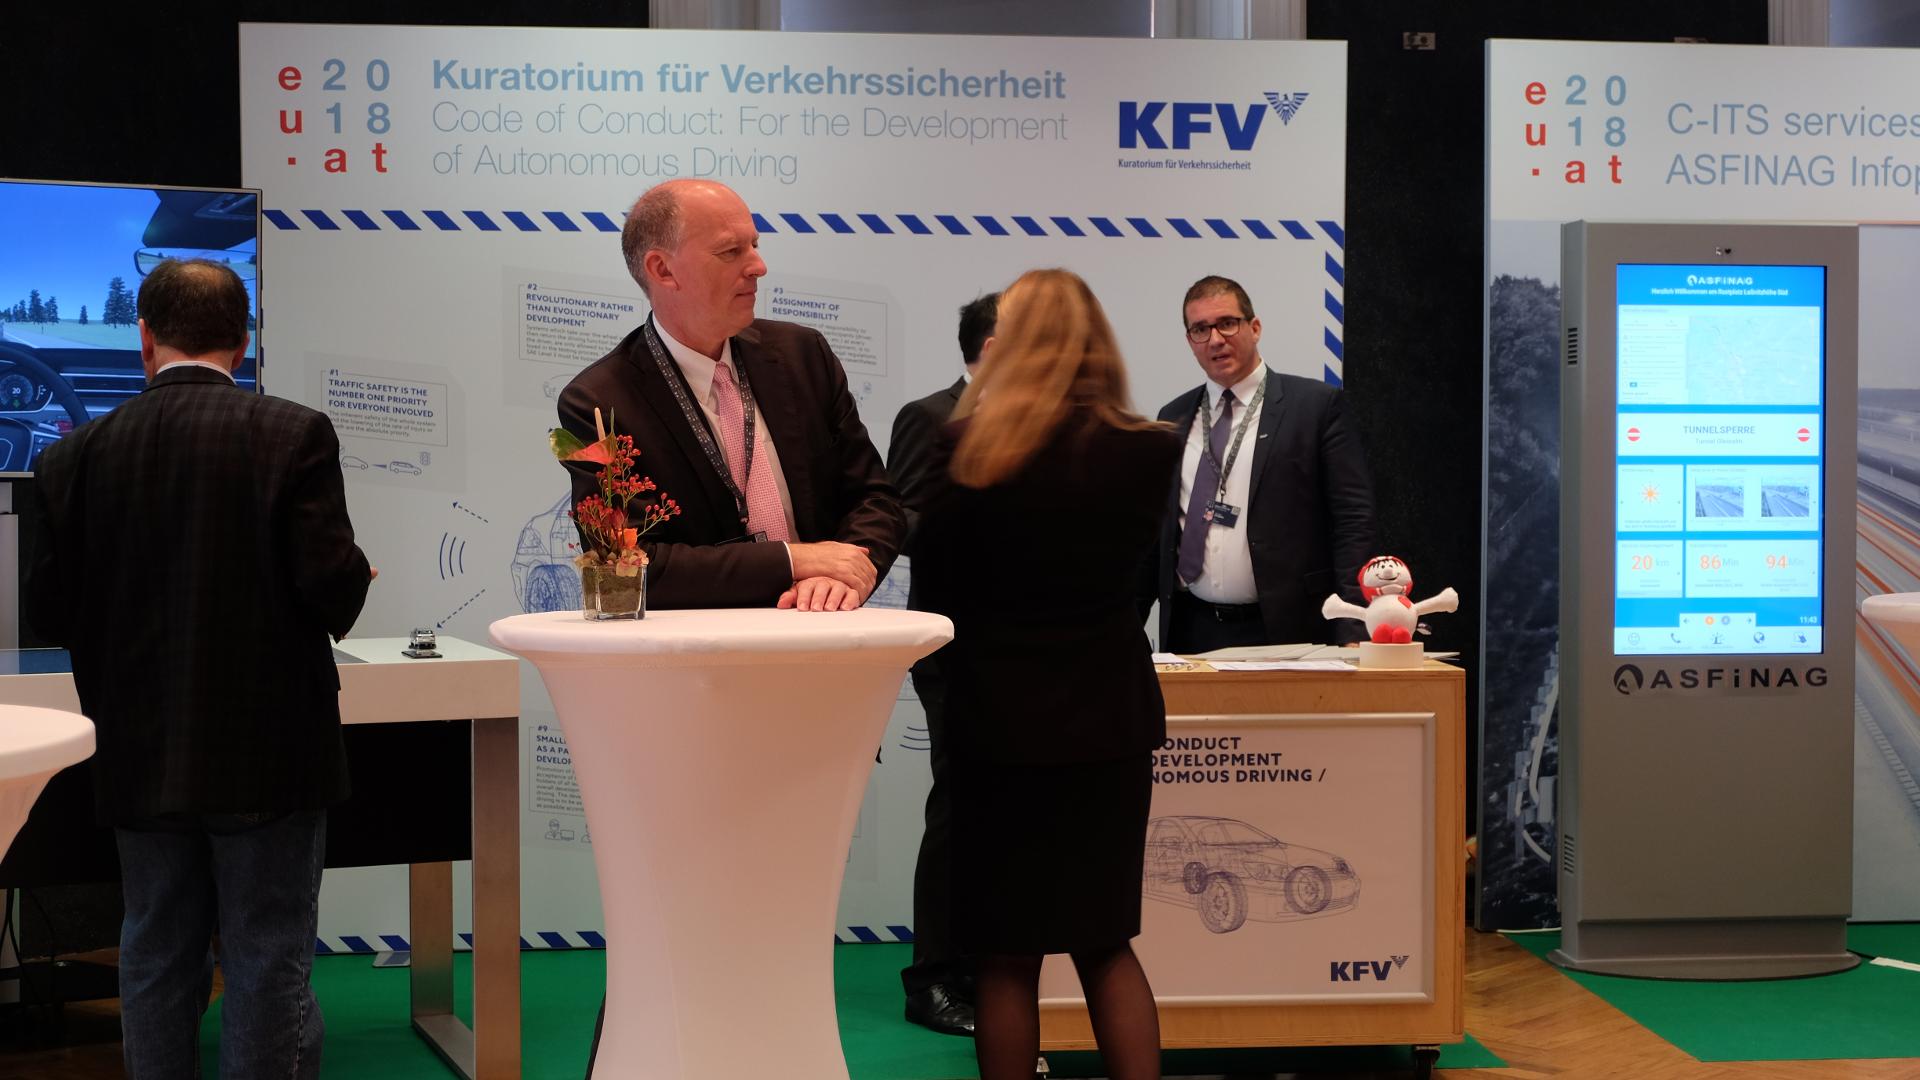 Informelles Treffen der EU Verkehrs und Umweltminister-Fachmesse-KFV-Kuratorium für Verkehrssicherheit